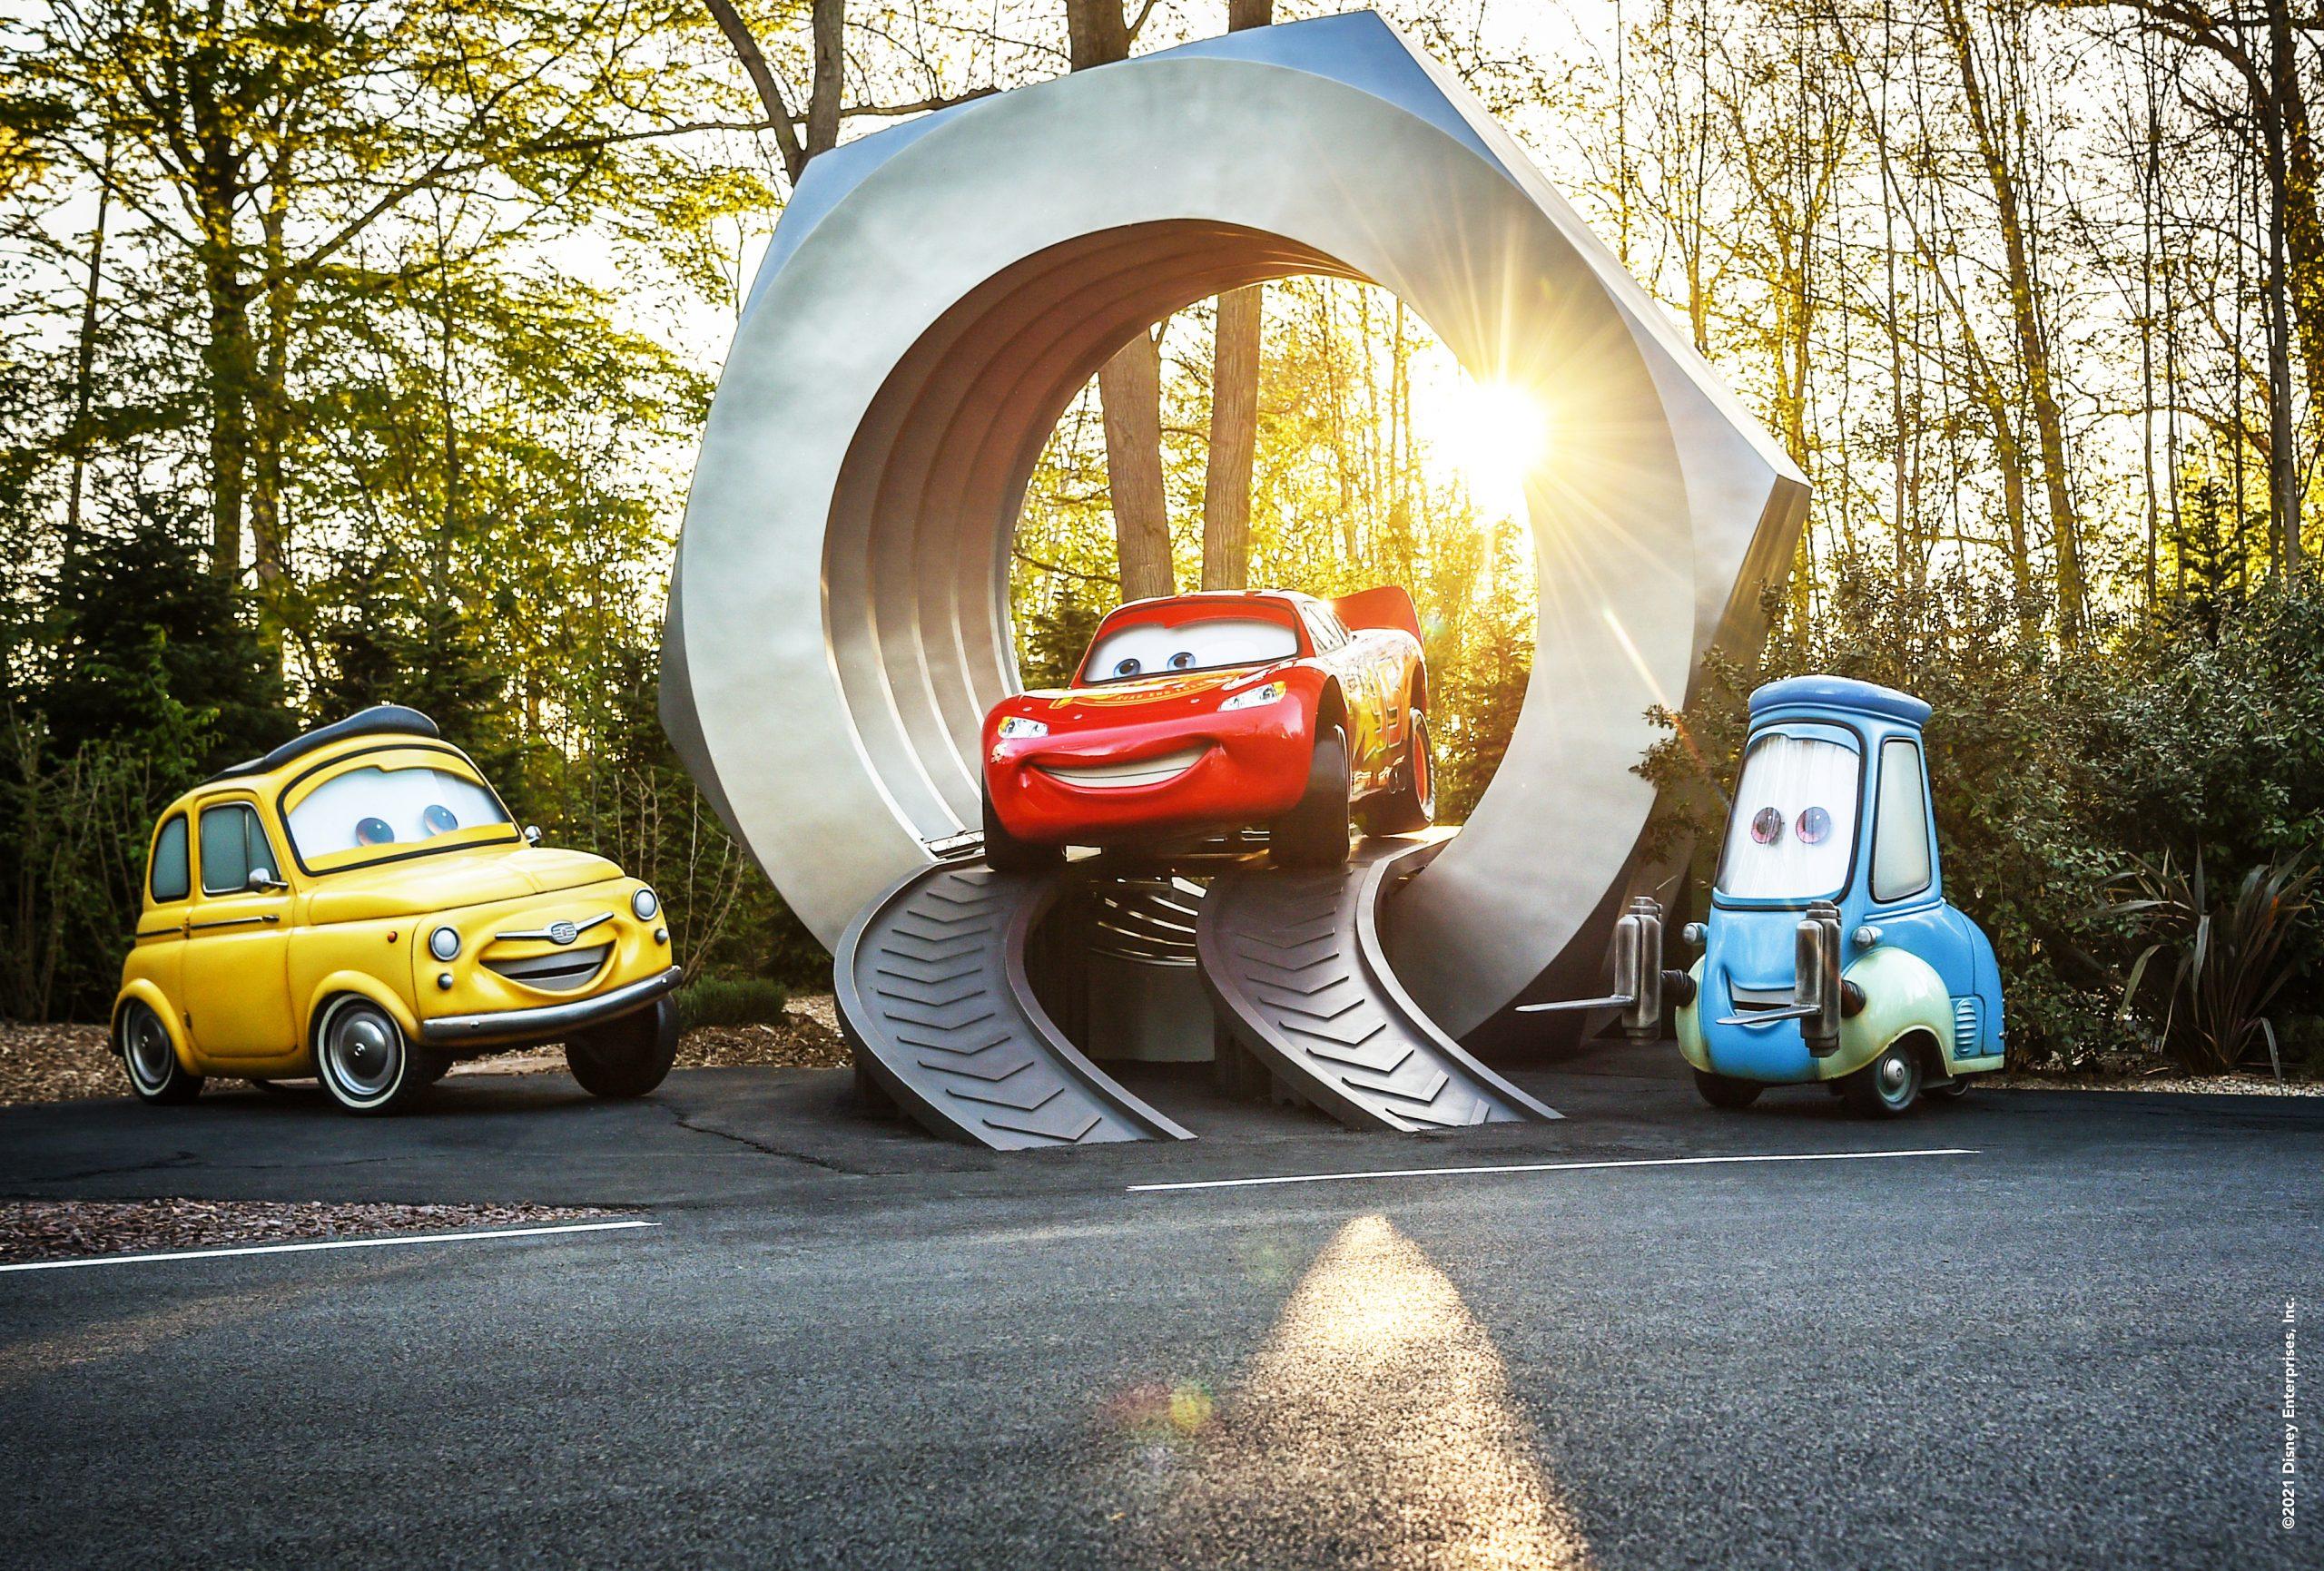 nouvelle attraction disney disneyland attraction cars nouveauté 2021